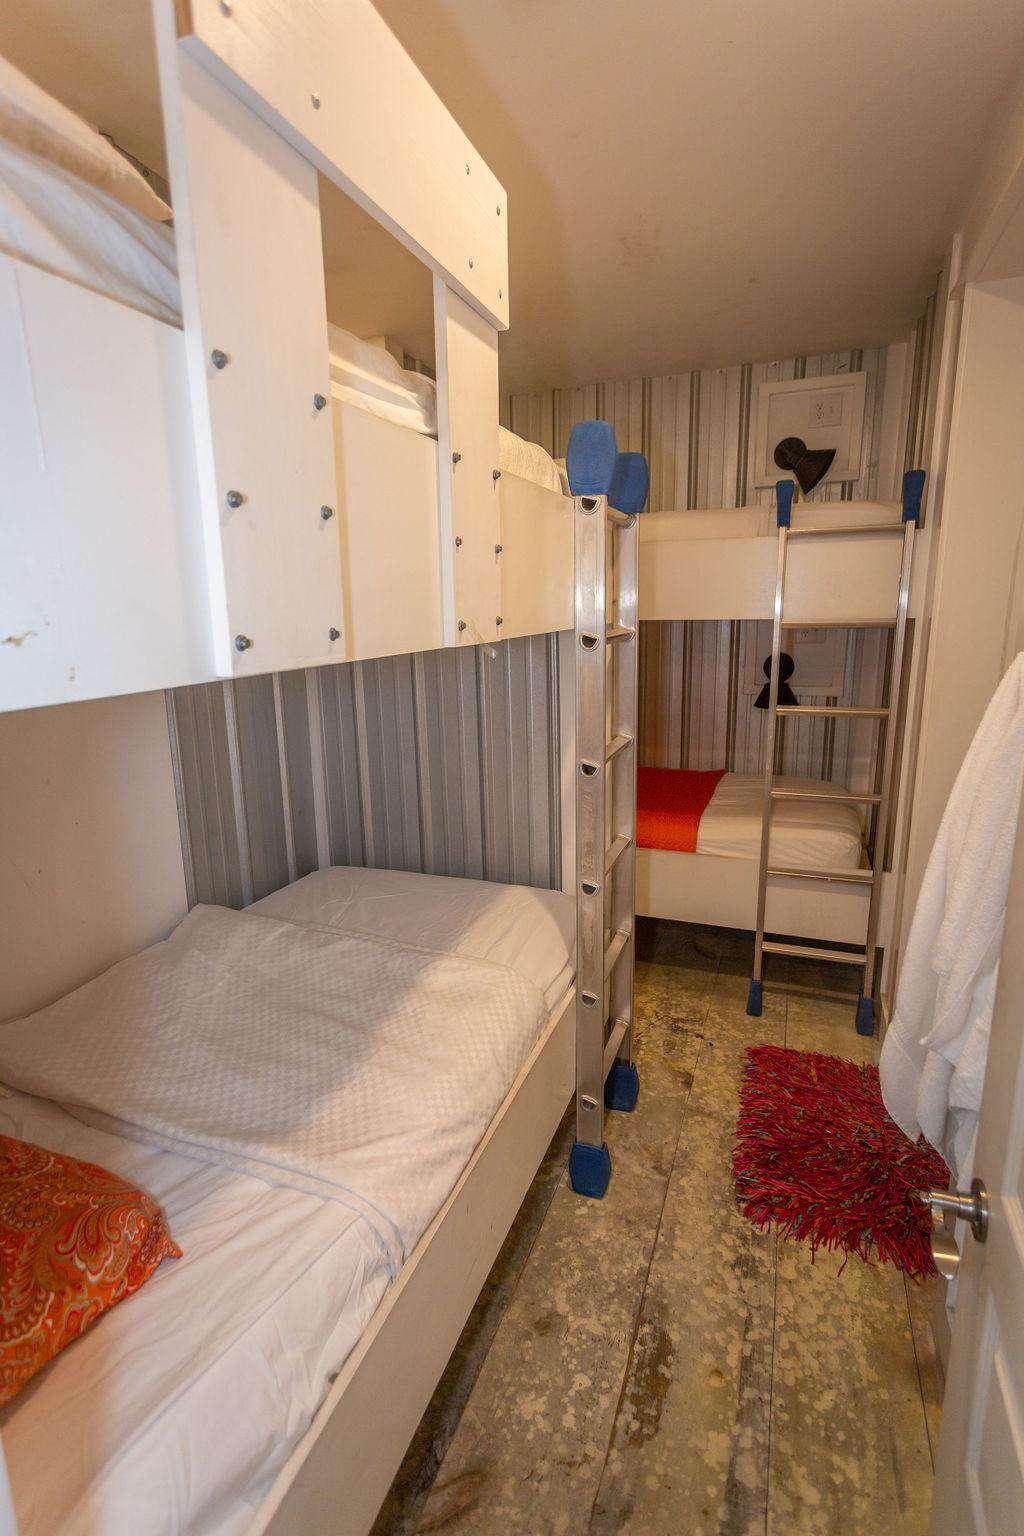 Br # 3 has 3 bunks-sleeps 6 with bath